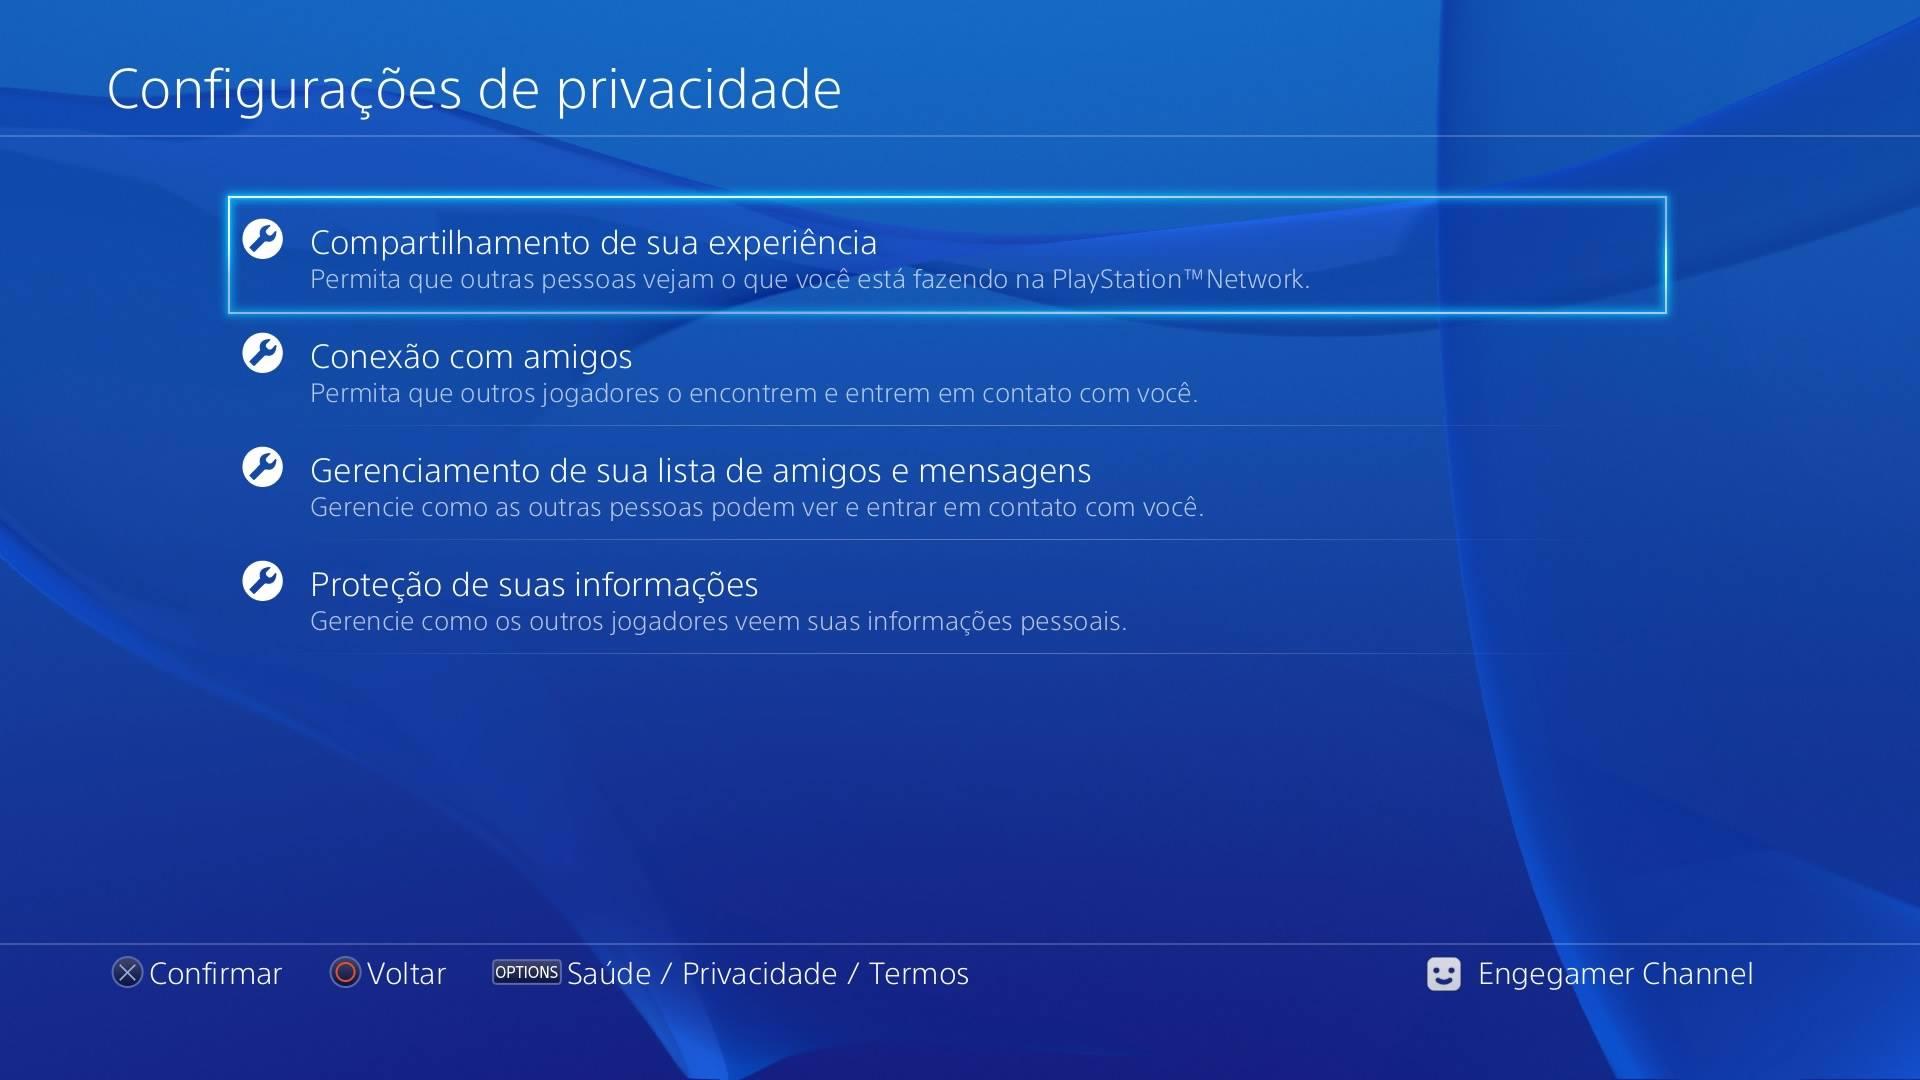 Configurações privacidade